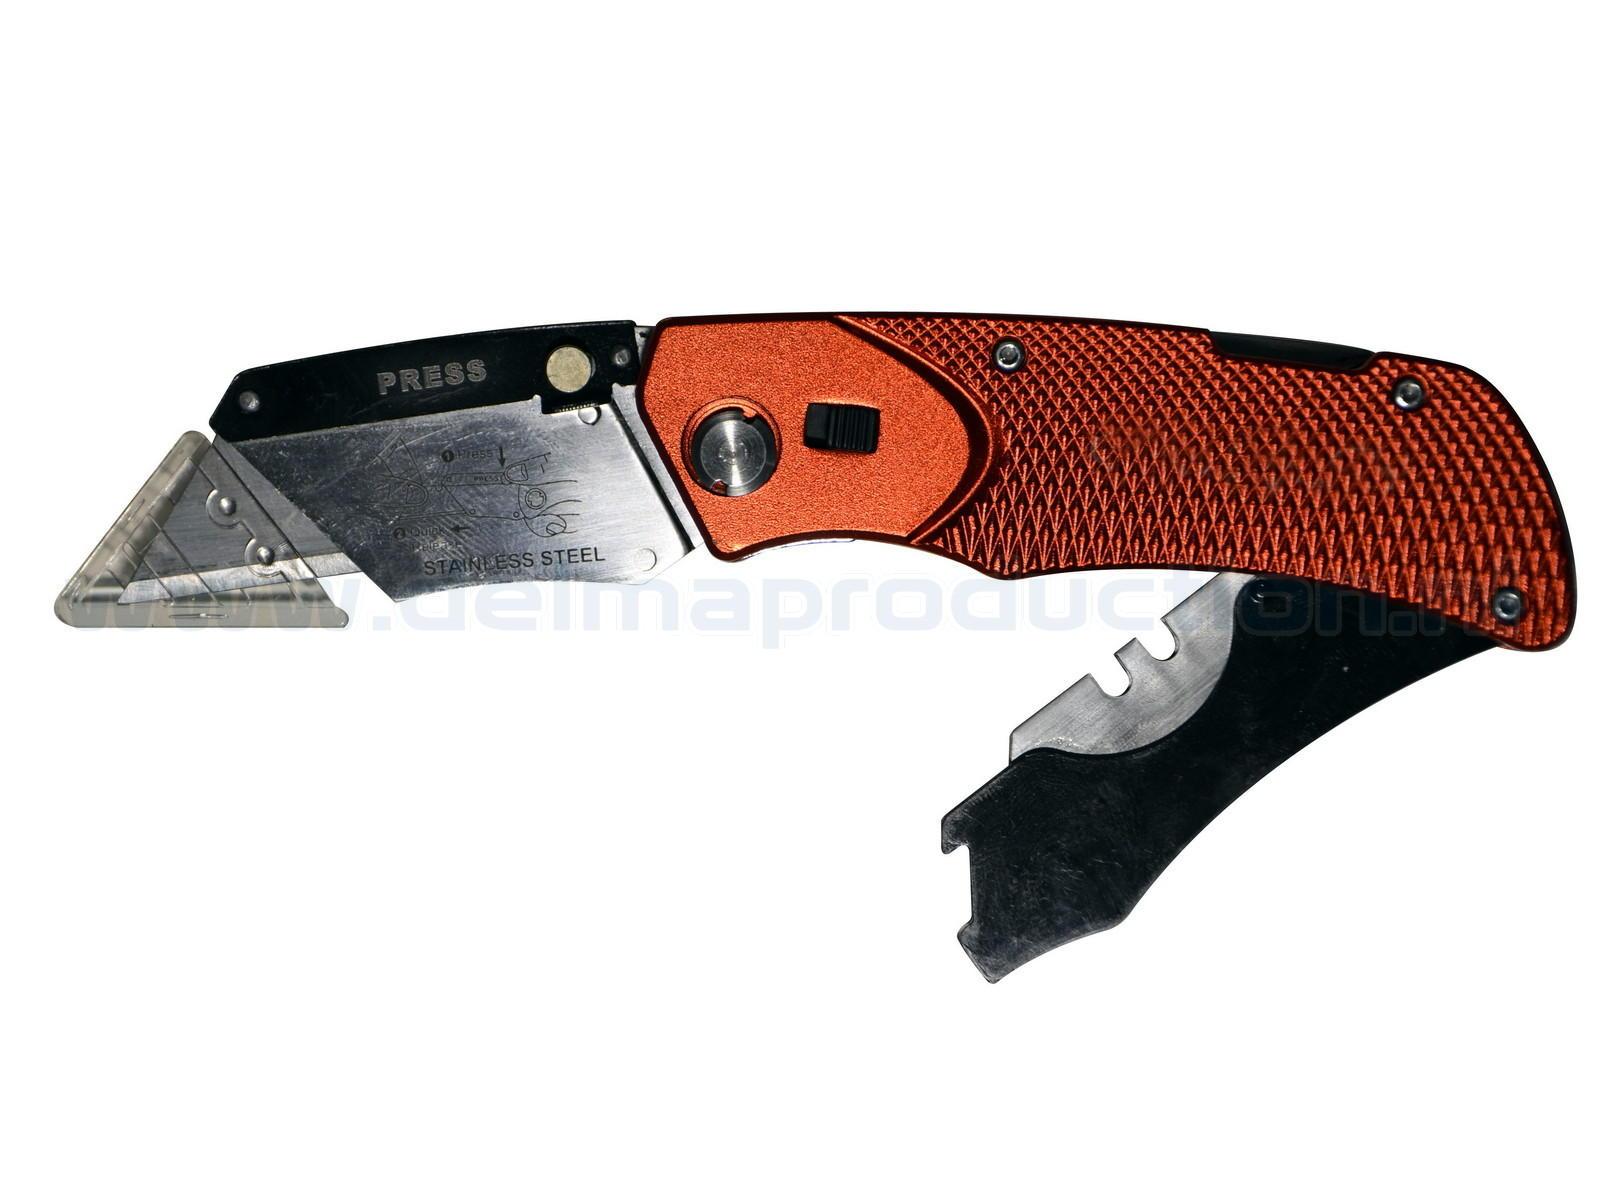 Gipsplaten en tapijt snijmes Inklapbare tapijt en gips-  platensnijder, met 4 messen en veiligheidshouder voor bevestiging aan een riem.  (1)